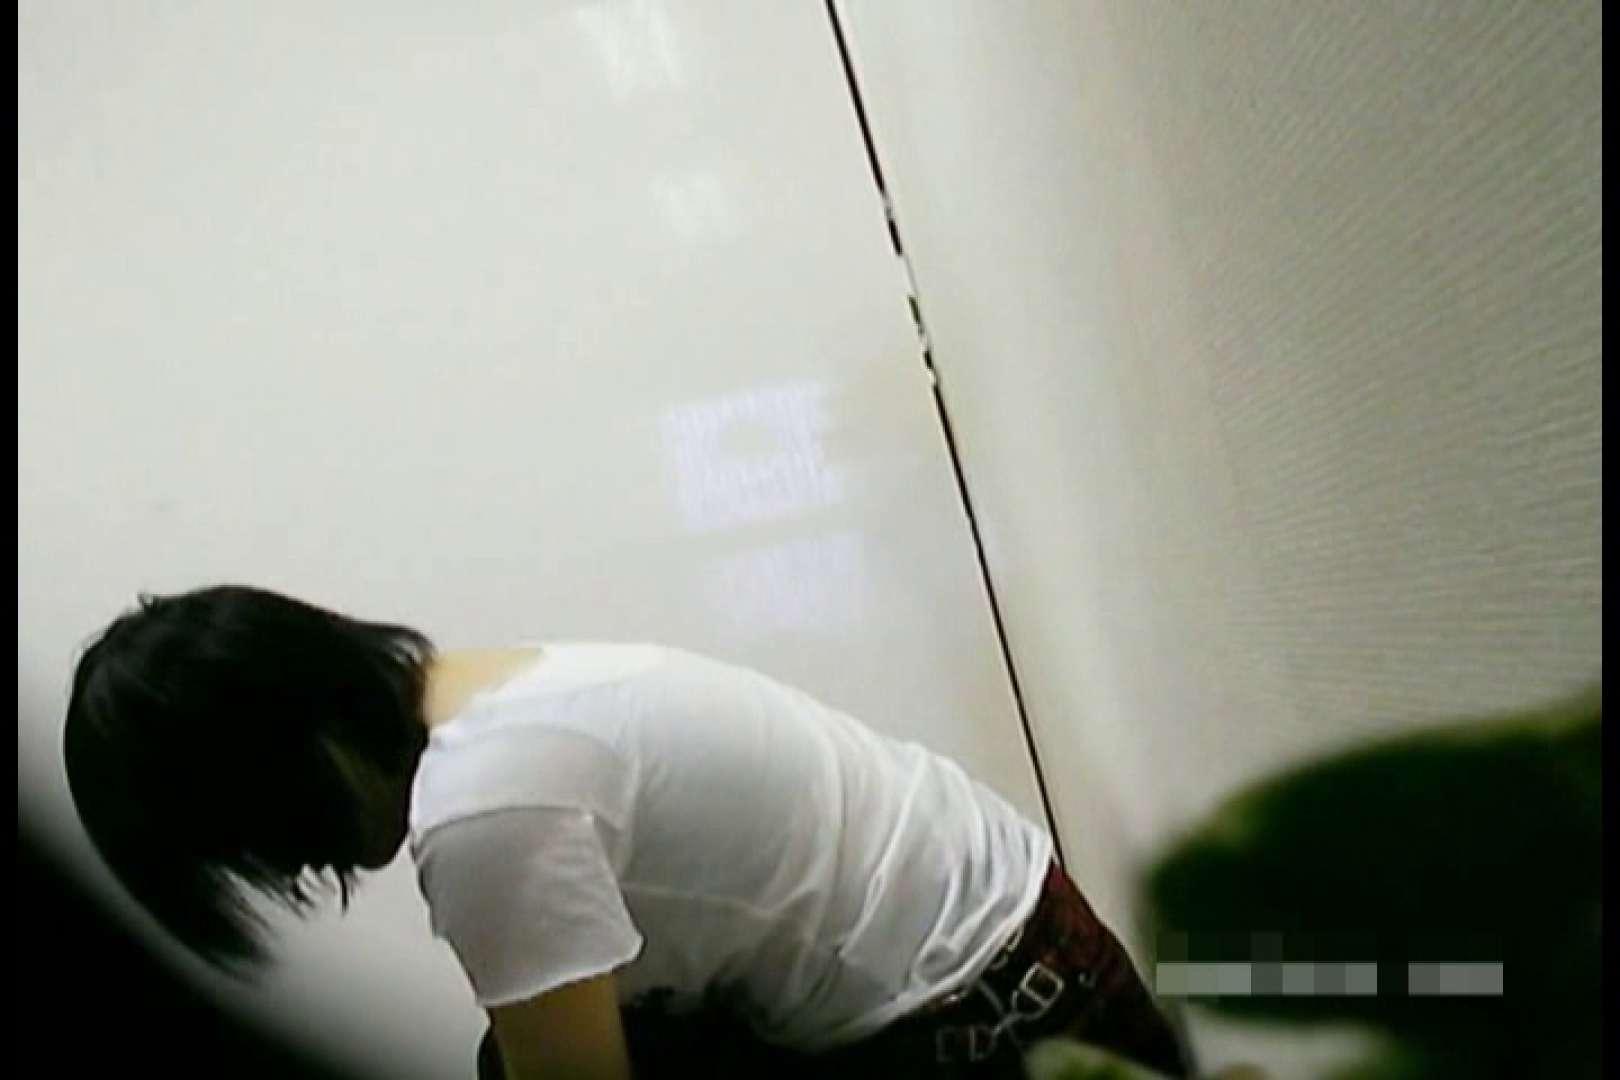 素人撮影 下着だけの撮影のはずが・・・みゆき18歳 素人流出 ぱこり動画紹介 51PIX 47